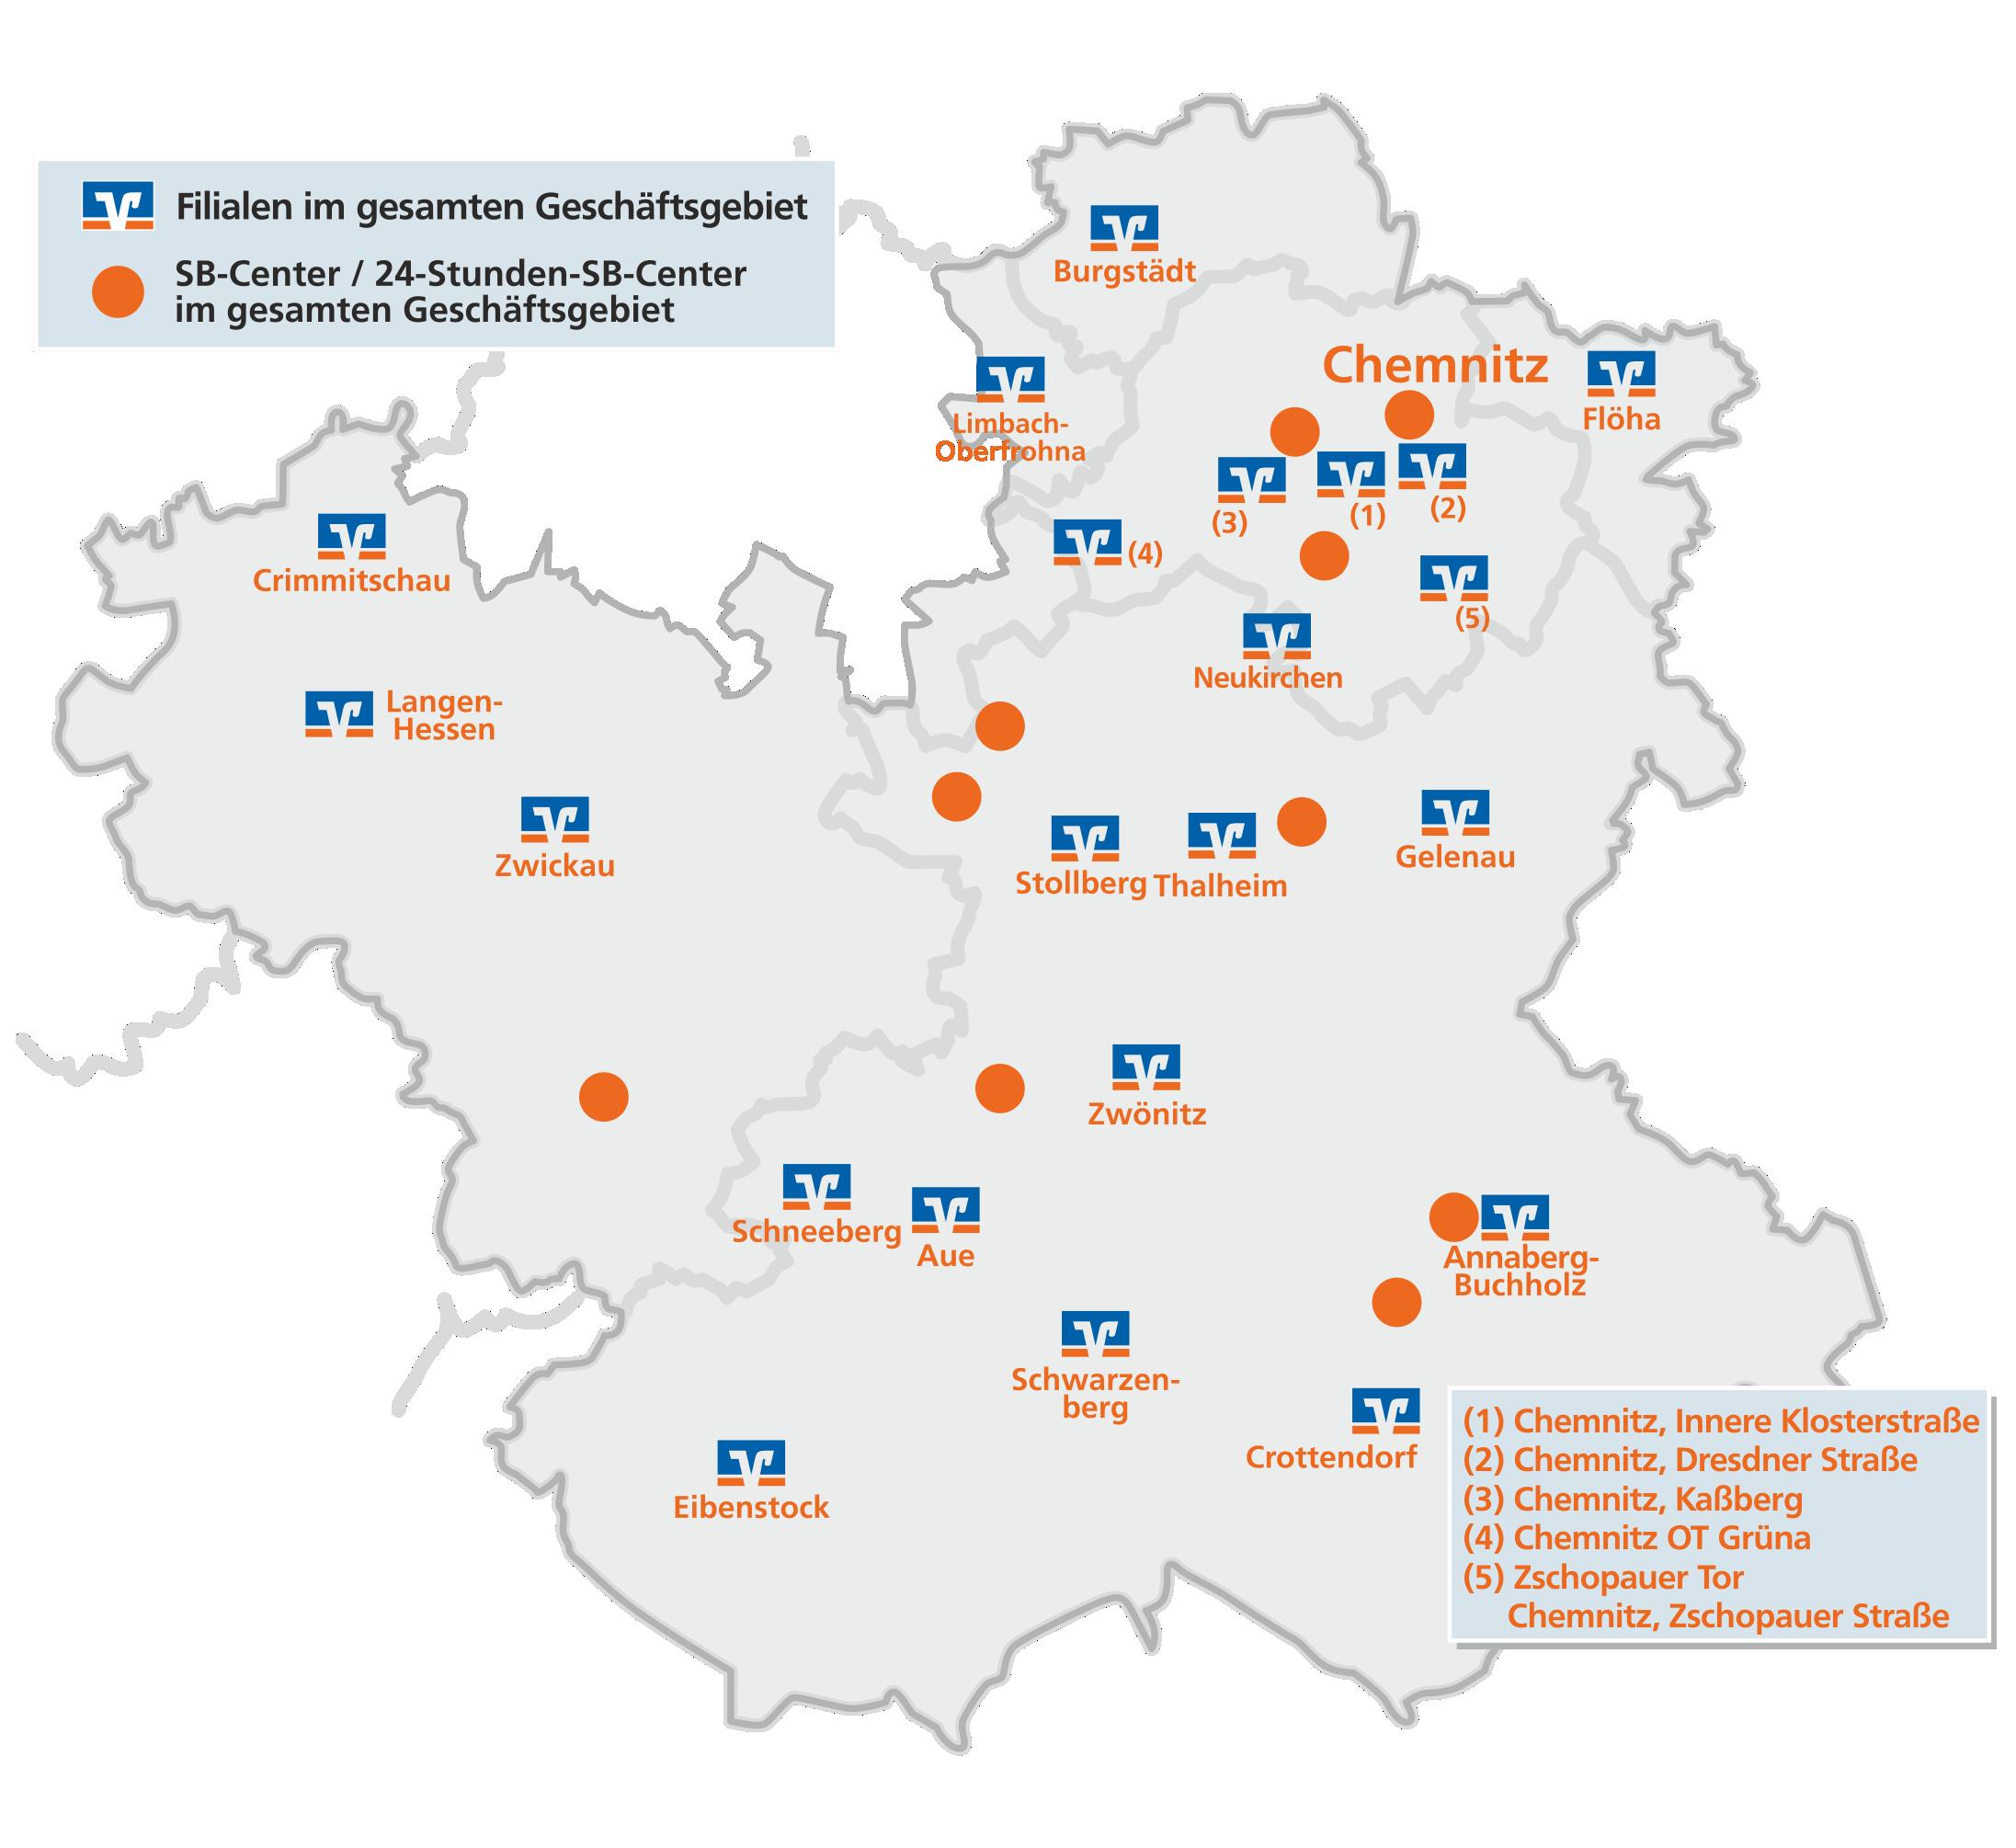 Karte Chemnitz Und Umgebung.Ubersicht Filialen Volksbank Chemnitz Eg